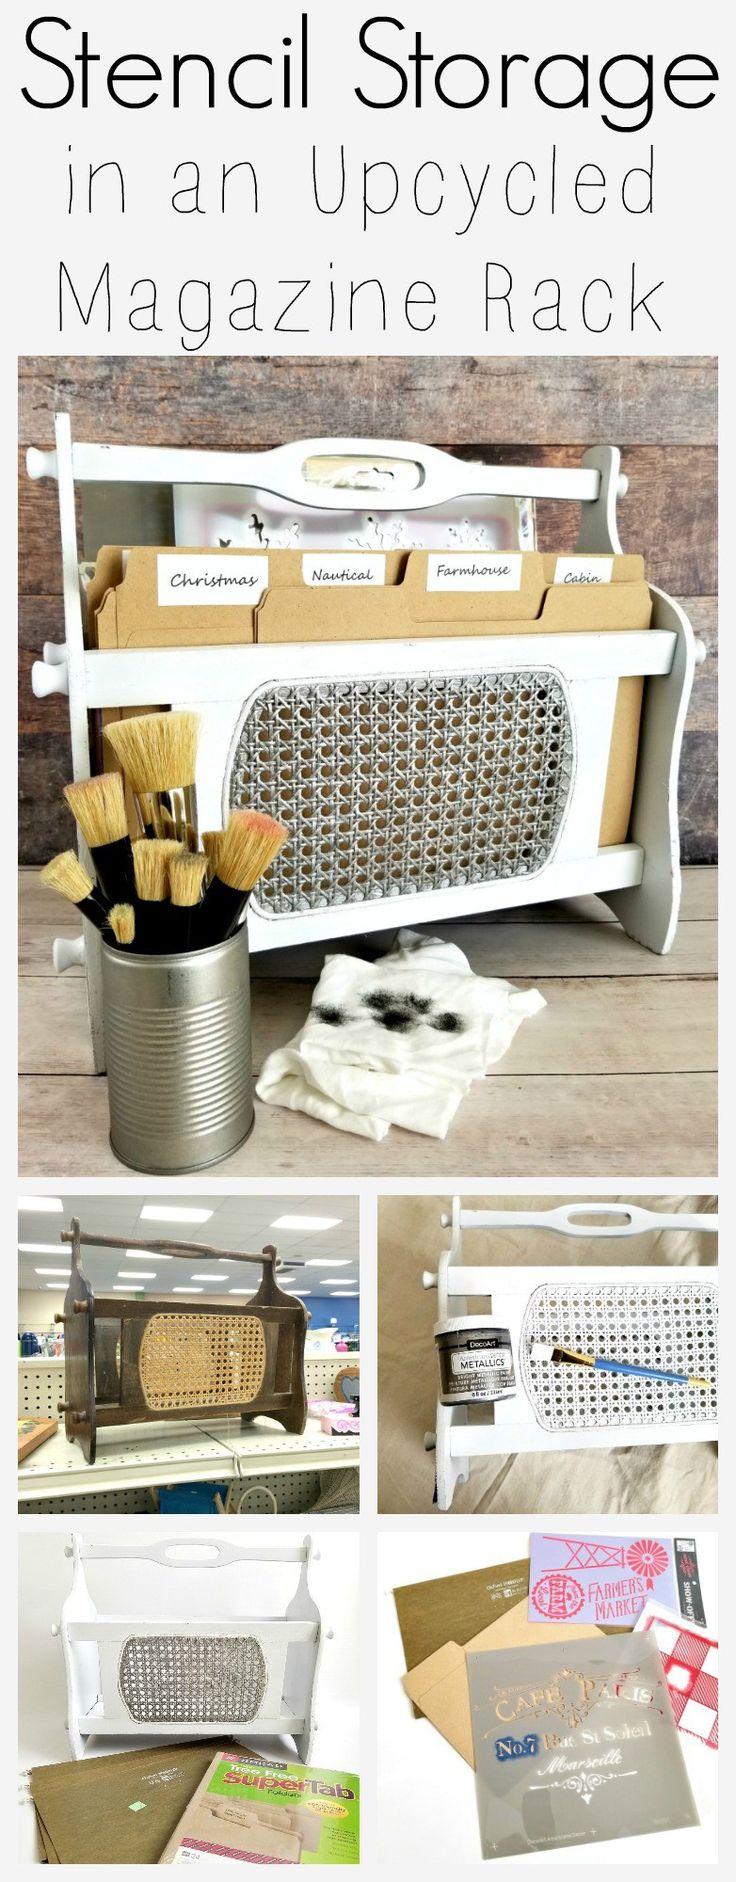 How to create DIY Stencil Storage and Organization in a Repurposed Upcycled Vintage Magazine Rack by Sadie Seasongoods / www.sadieseasongoods.com